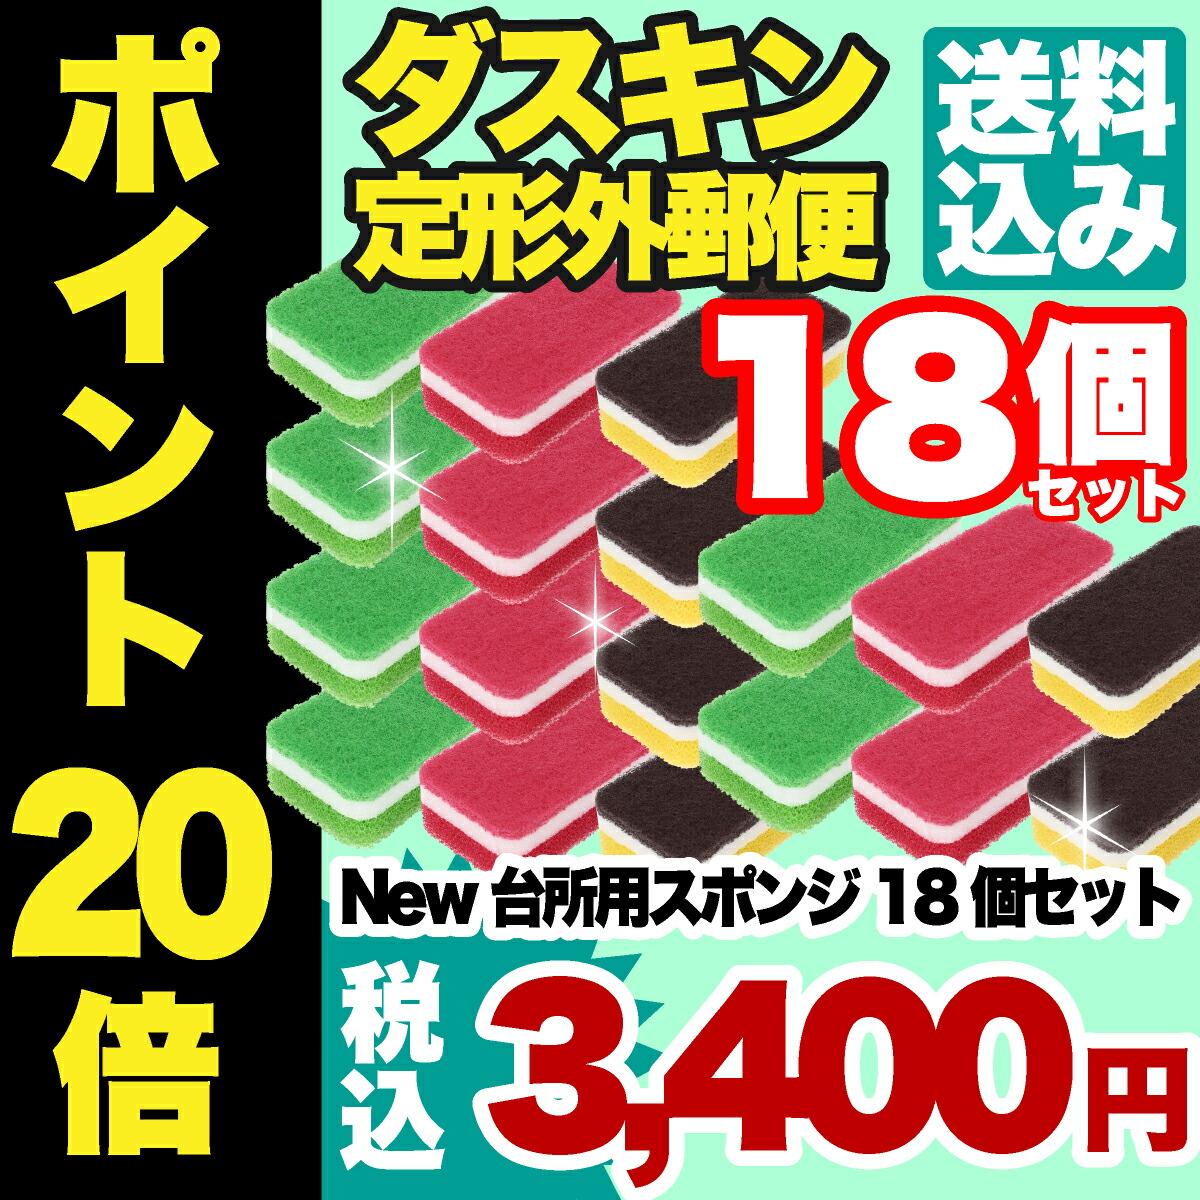 Newダスキンスポンジ18個セット